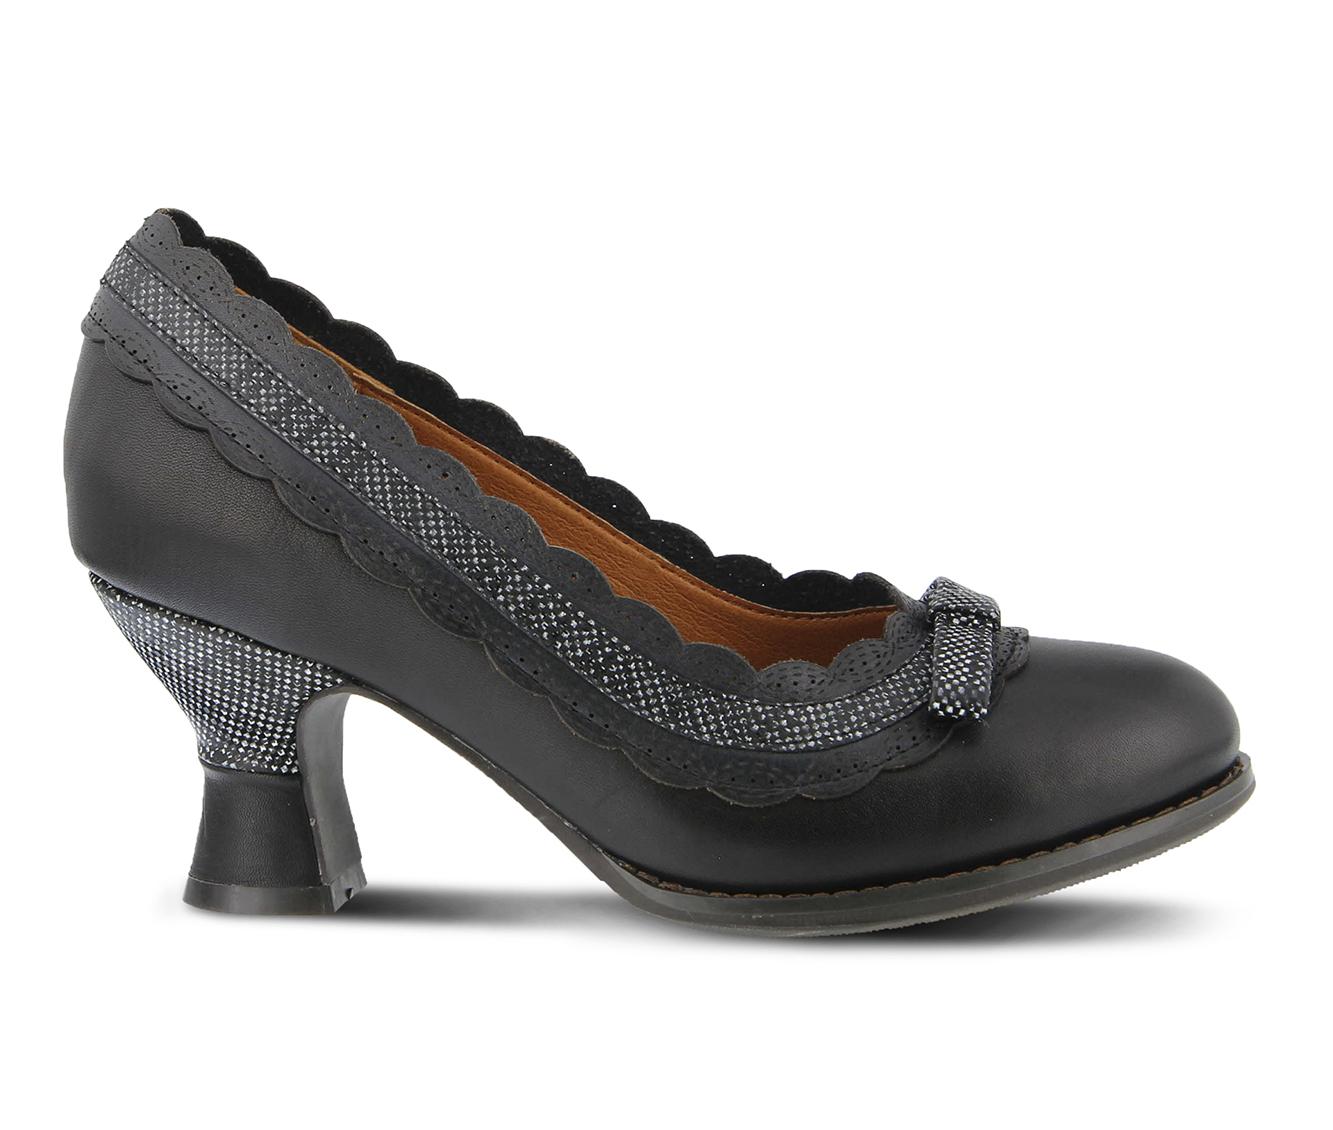 L'Artiste Kirstie Women's Dress Shoe (Black Leather)